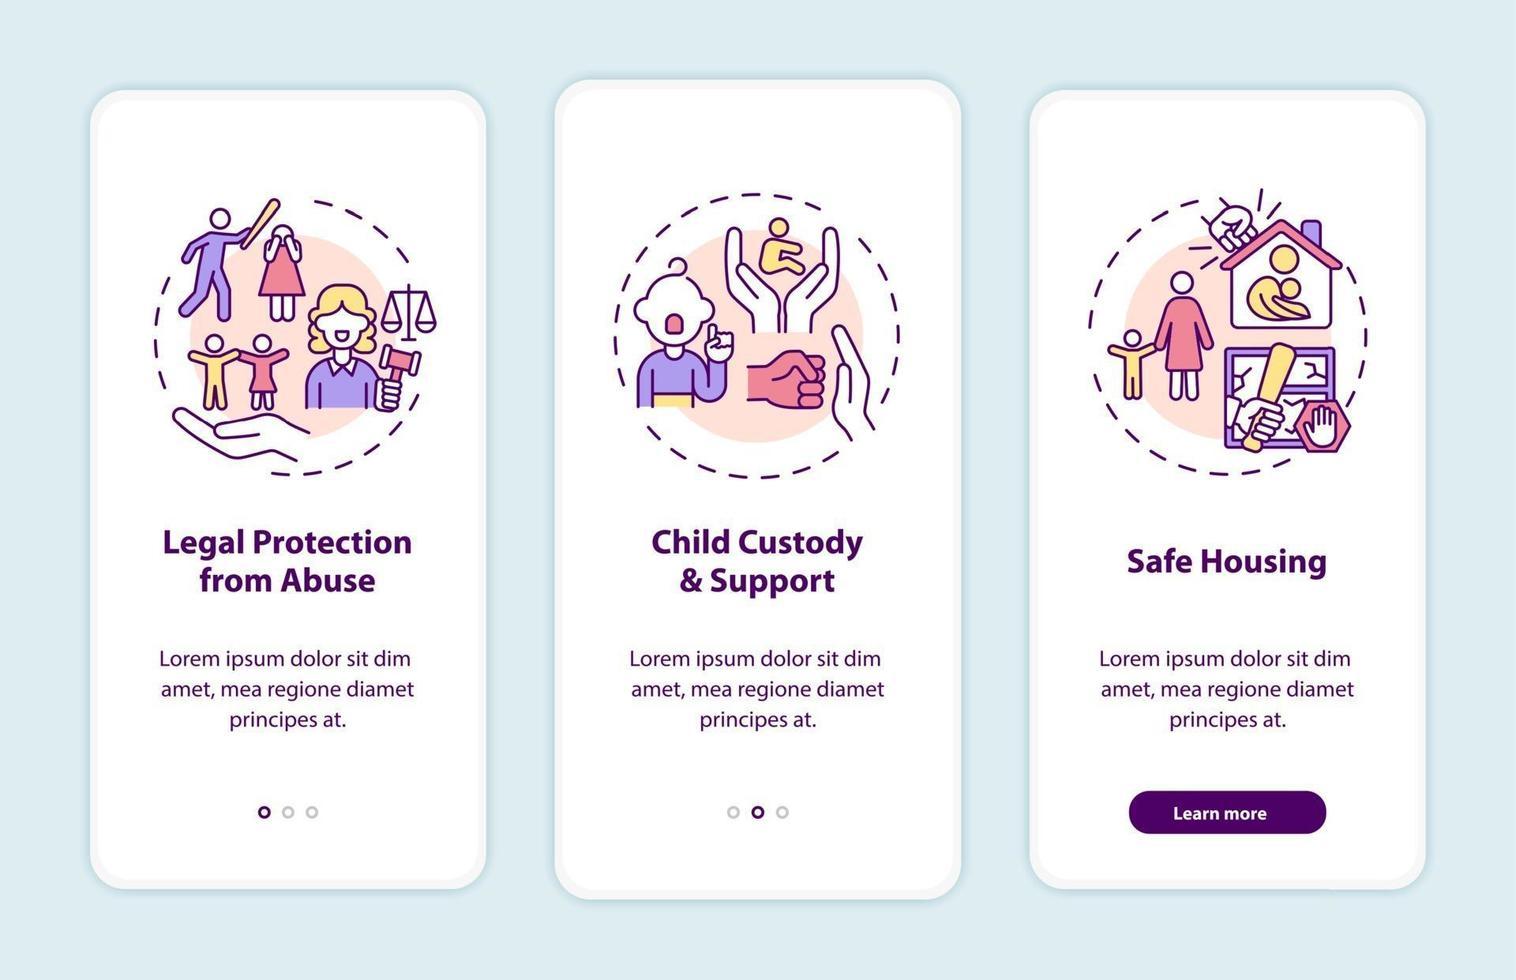 sobrevivientes de violencia doméstica apoyan la incorporación de la pantalla de la página de la aplicación móvil con conceptos vector